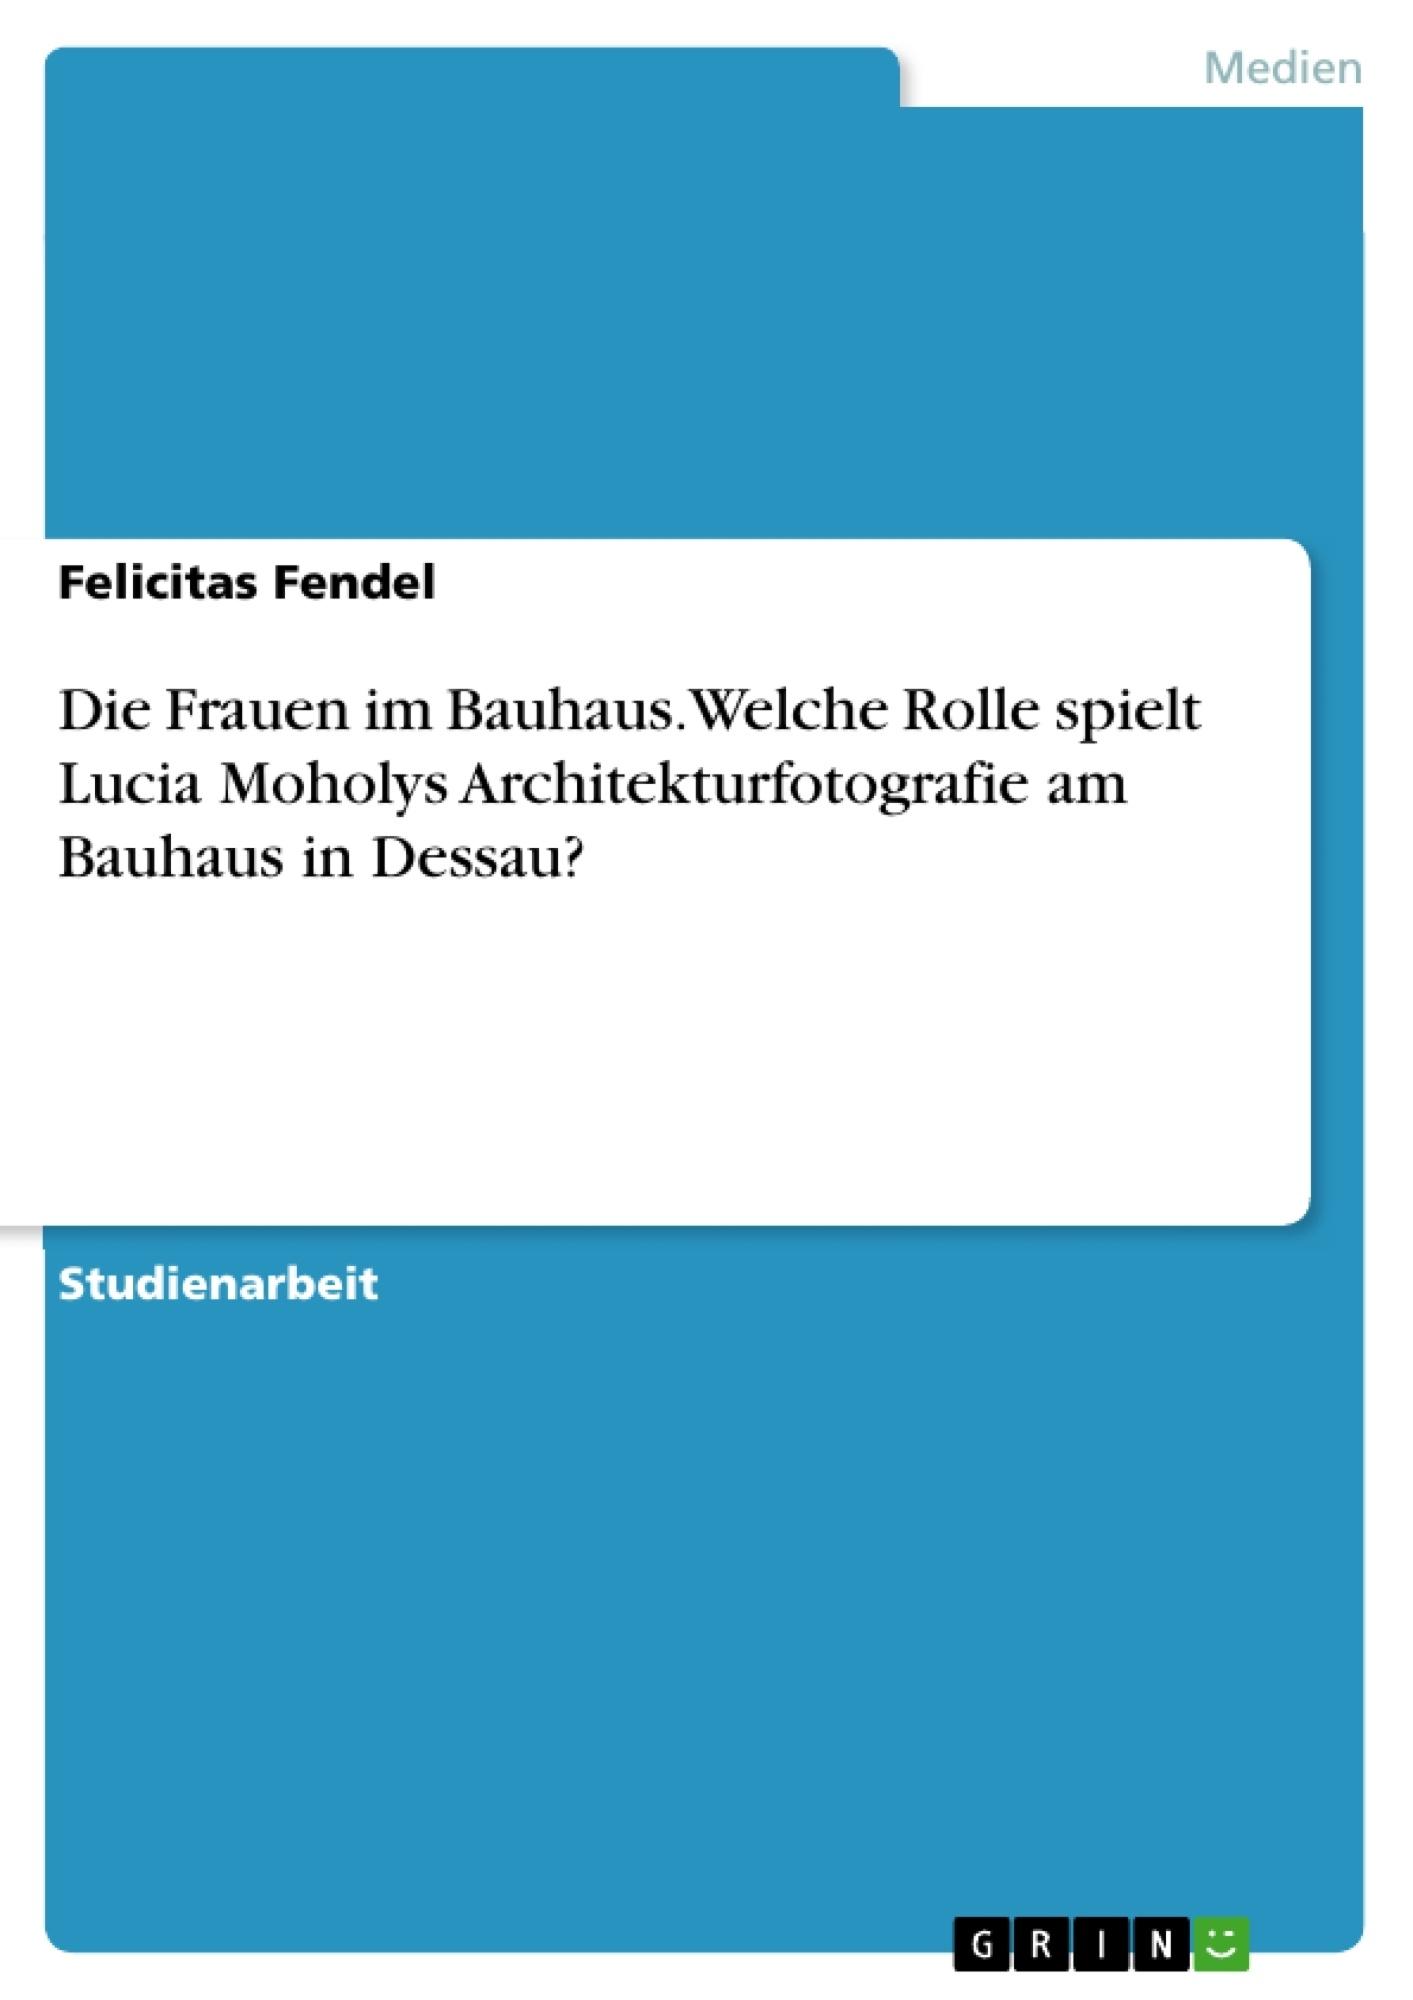 Titel: Die Frauen im Bauhaus. Welche Rolle spielt Lucia Moholys Architekturfotografie am Bauhaus in Dessau?